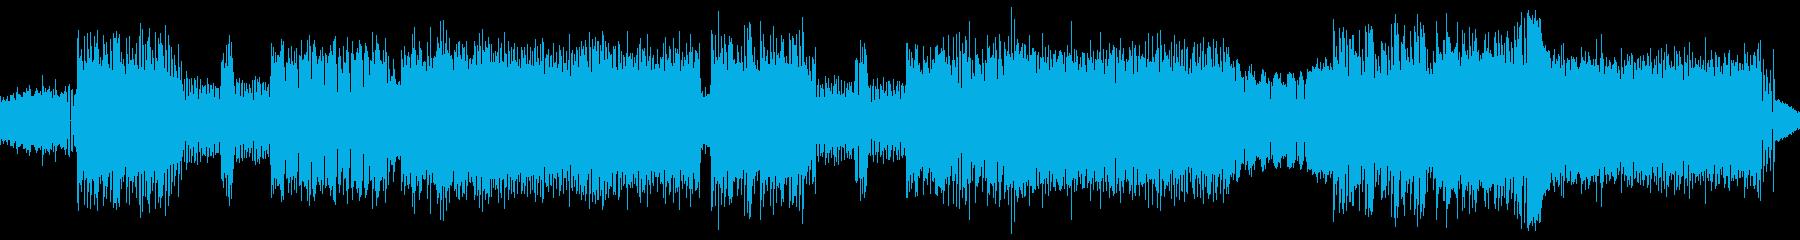 パズルなどに使えるチップチューンの再生済みの波形